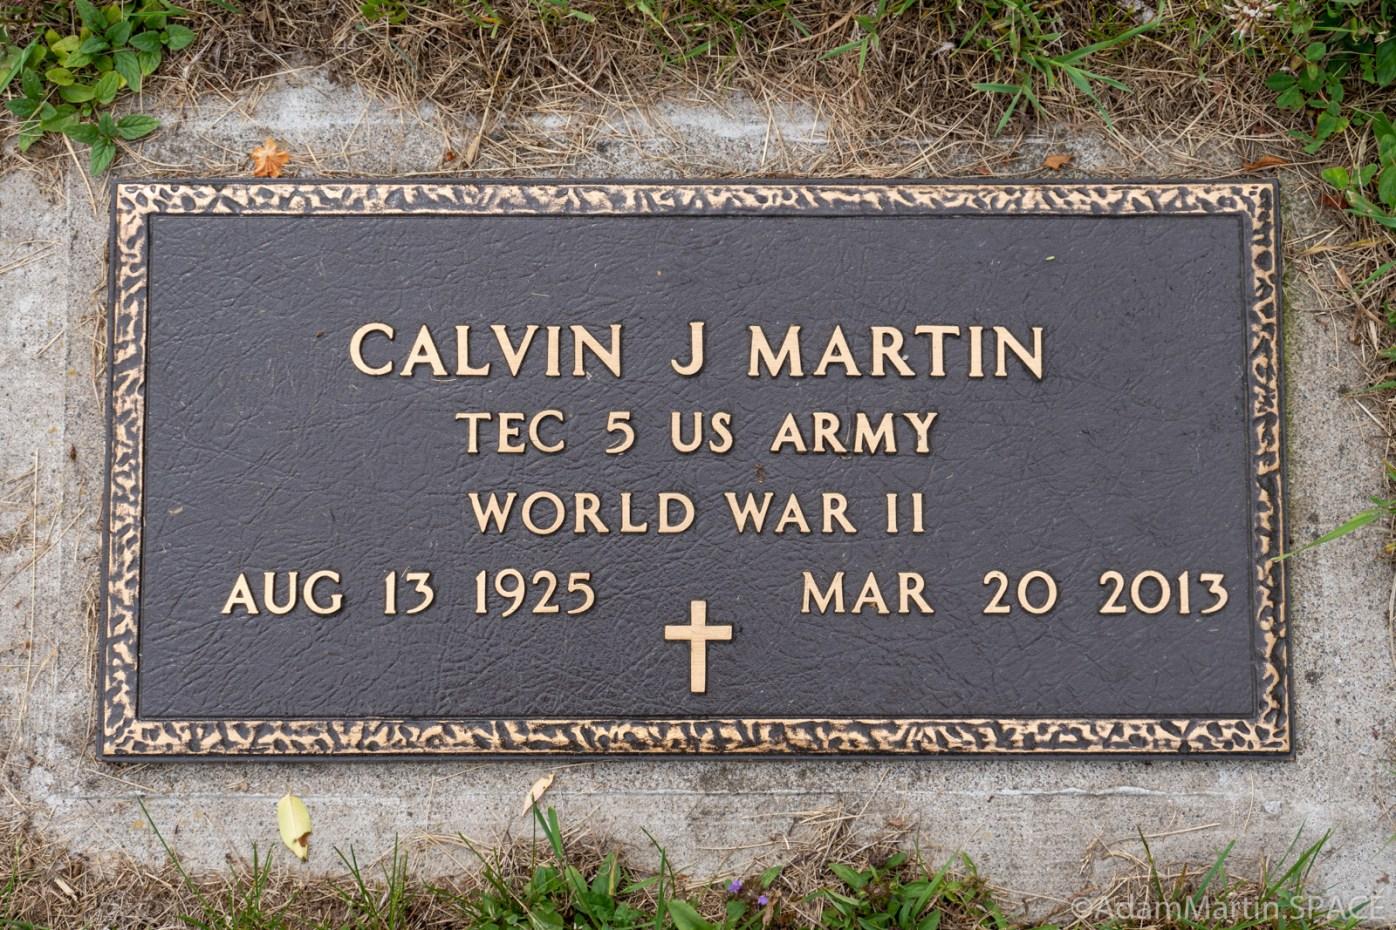 Martin Cemetery - Calvin J Martin Sr. bronze Army service marker